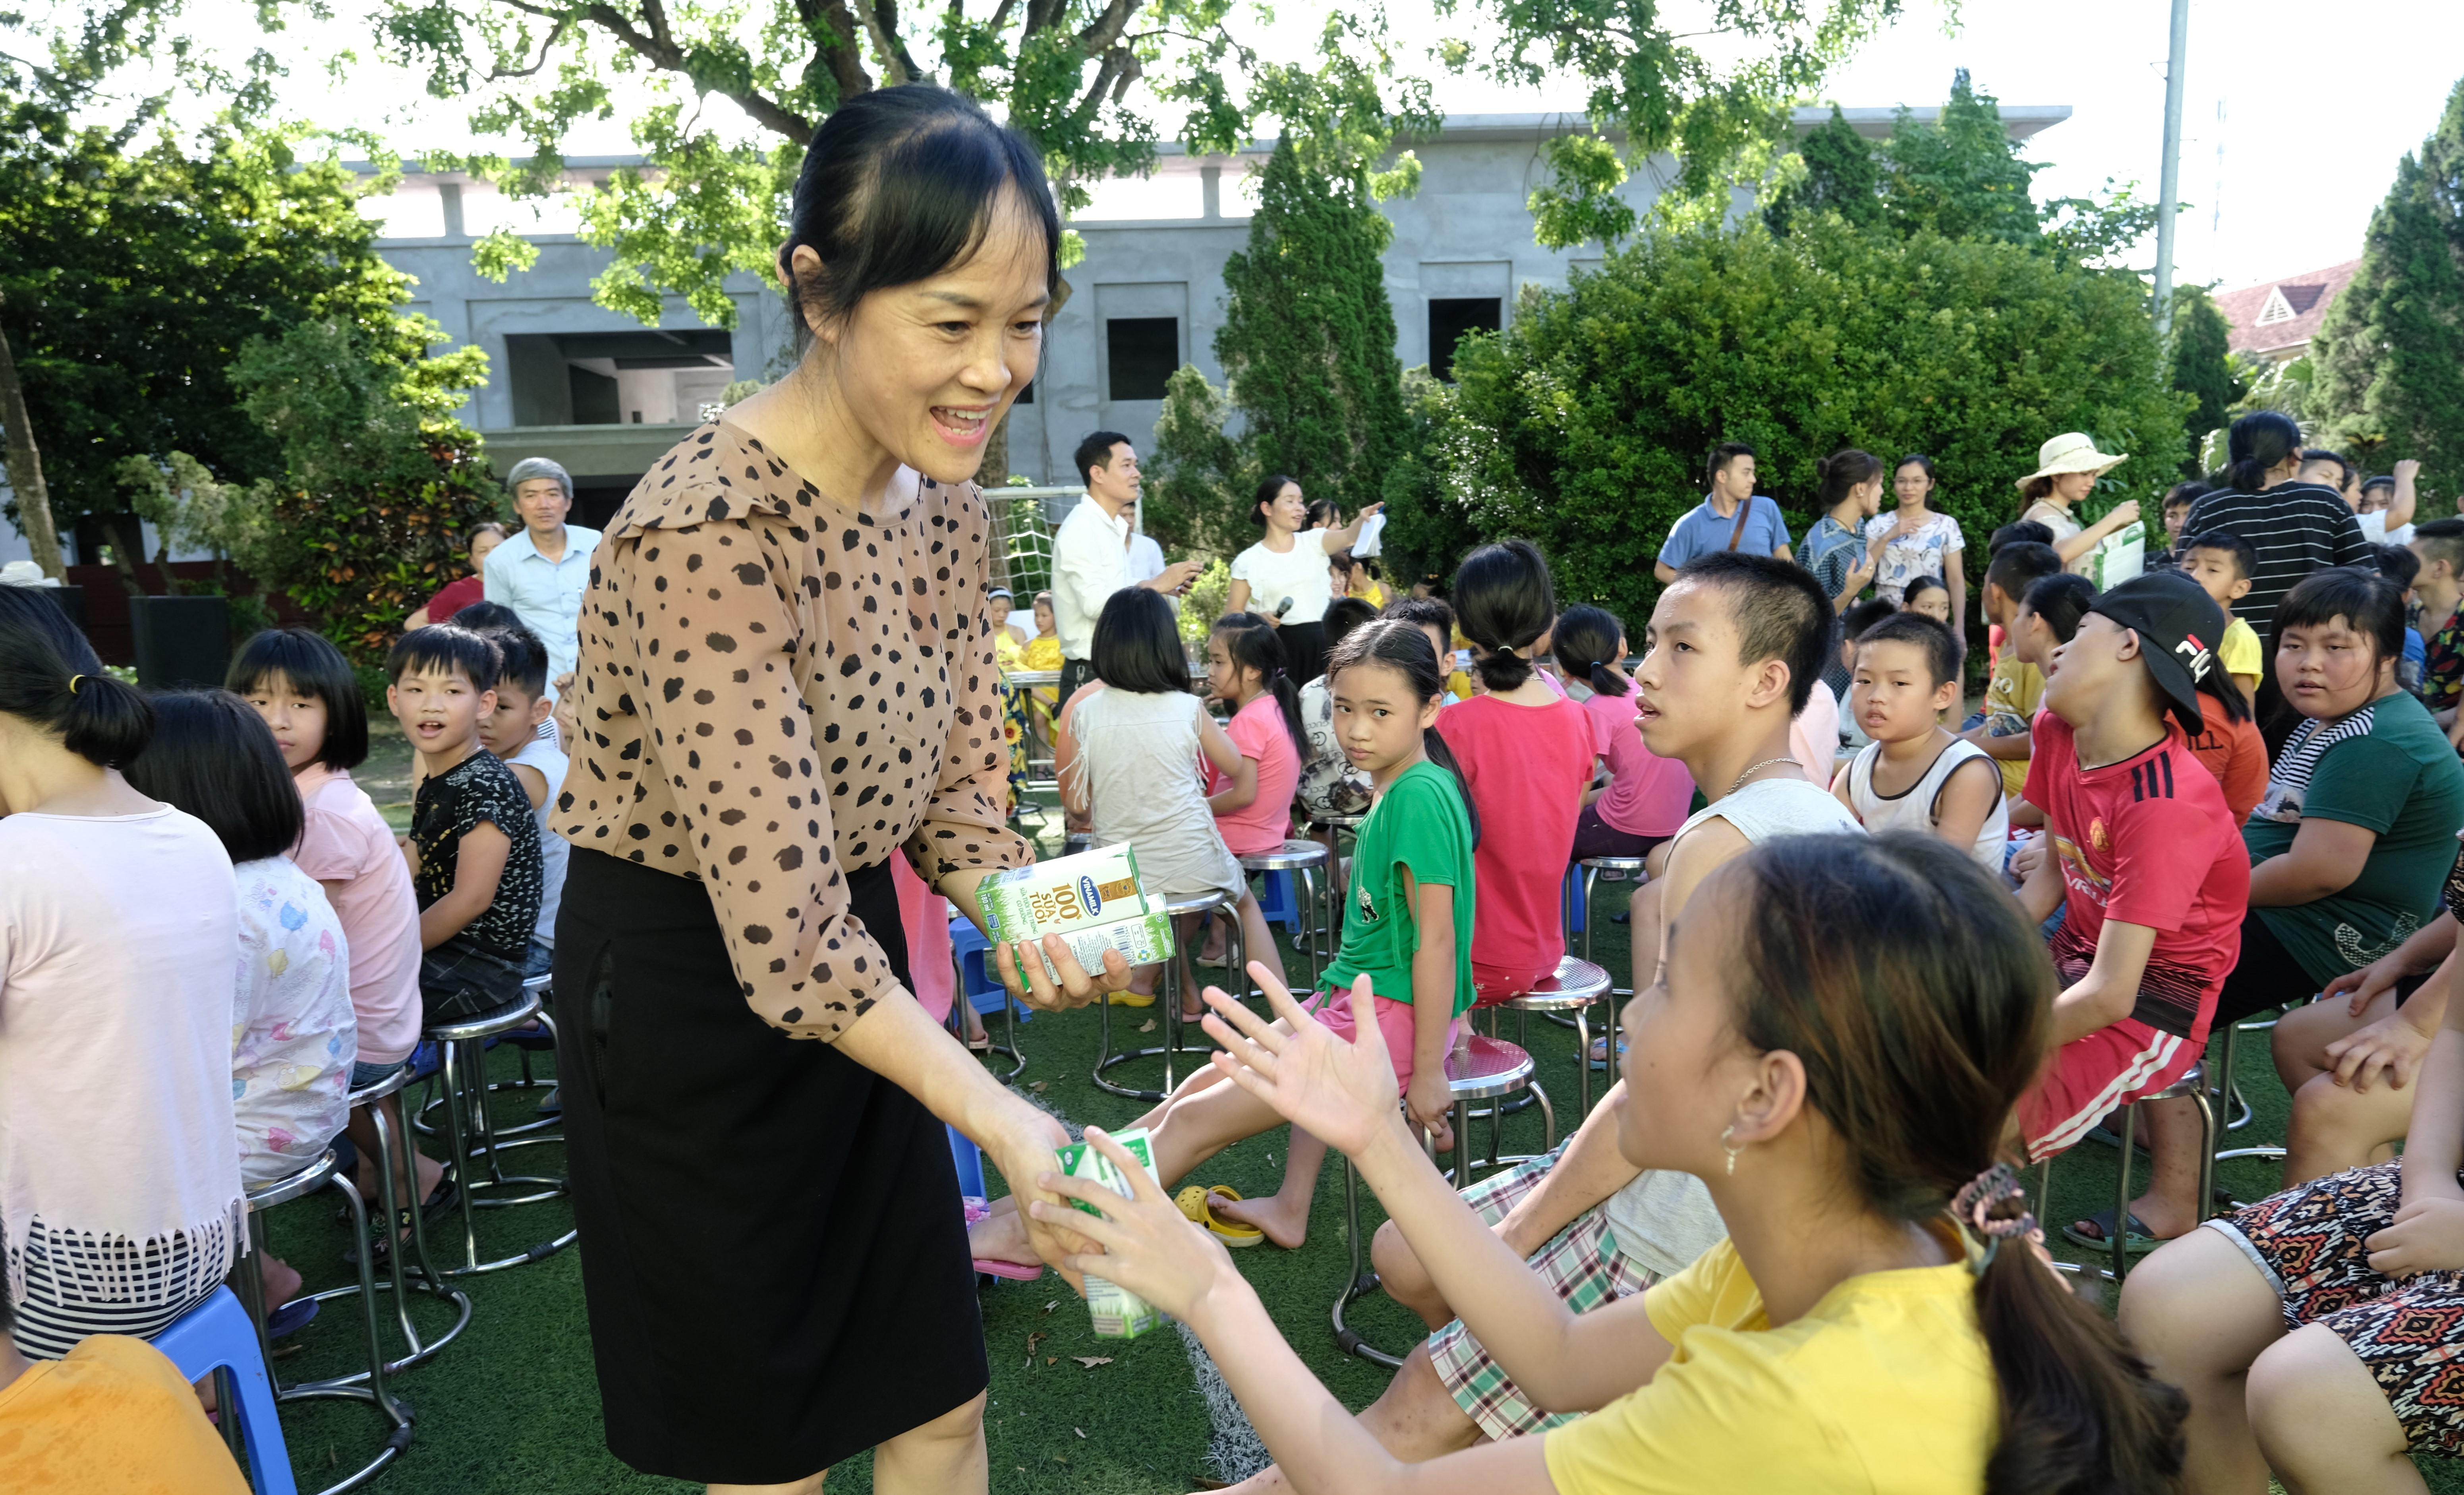 Quỹ sữa Vươn cao Việt Nam vàVinamilktrao tặng 1.200 ly sữa cho trẻ em Hà Nội - Ảnh 3